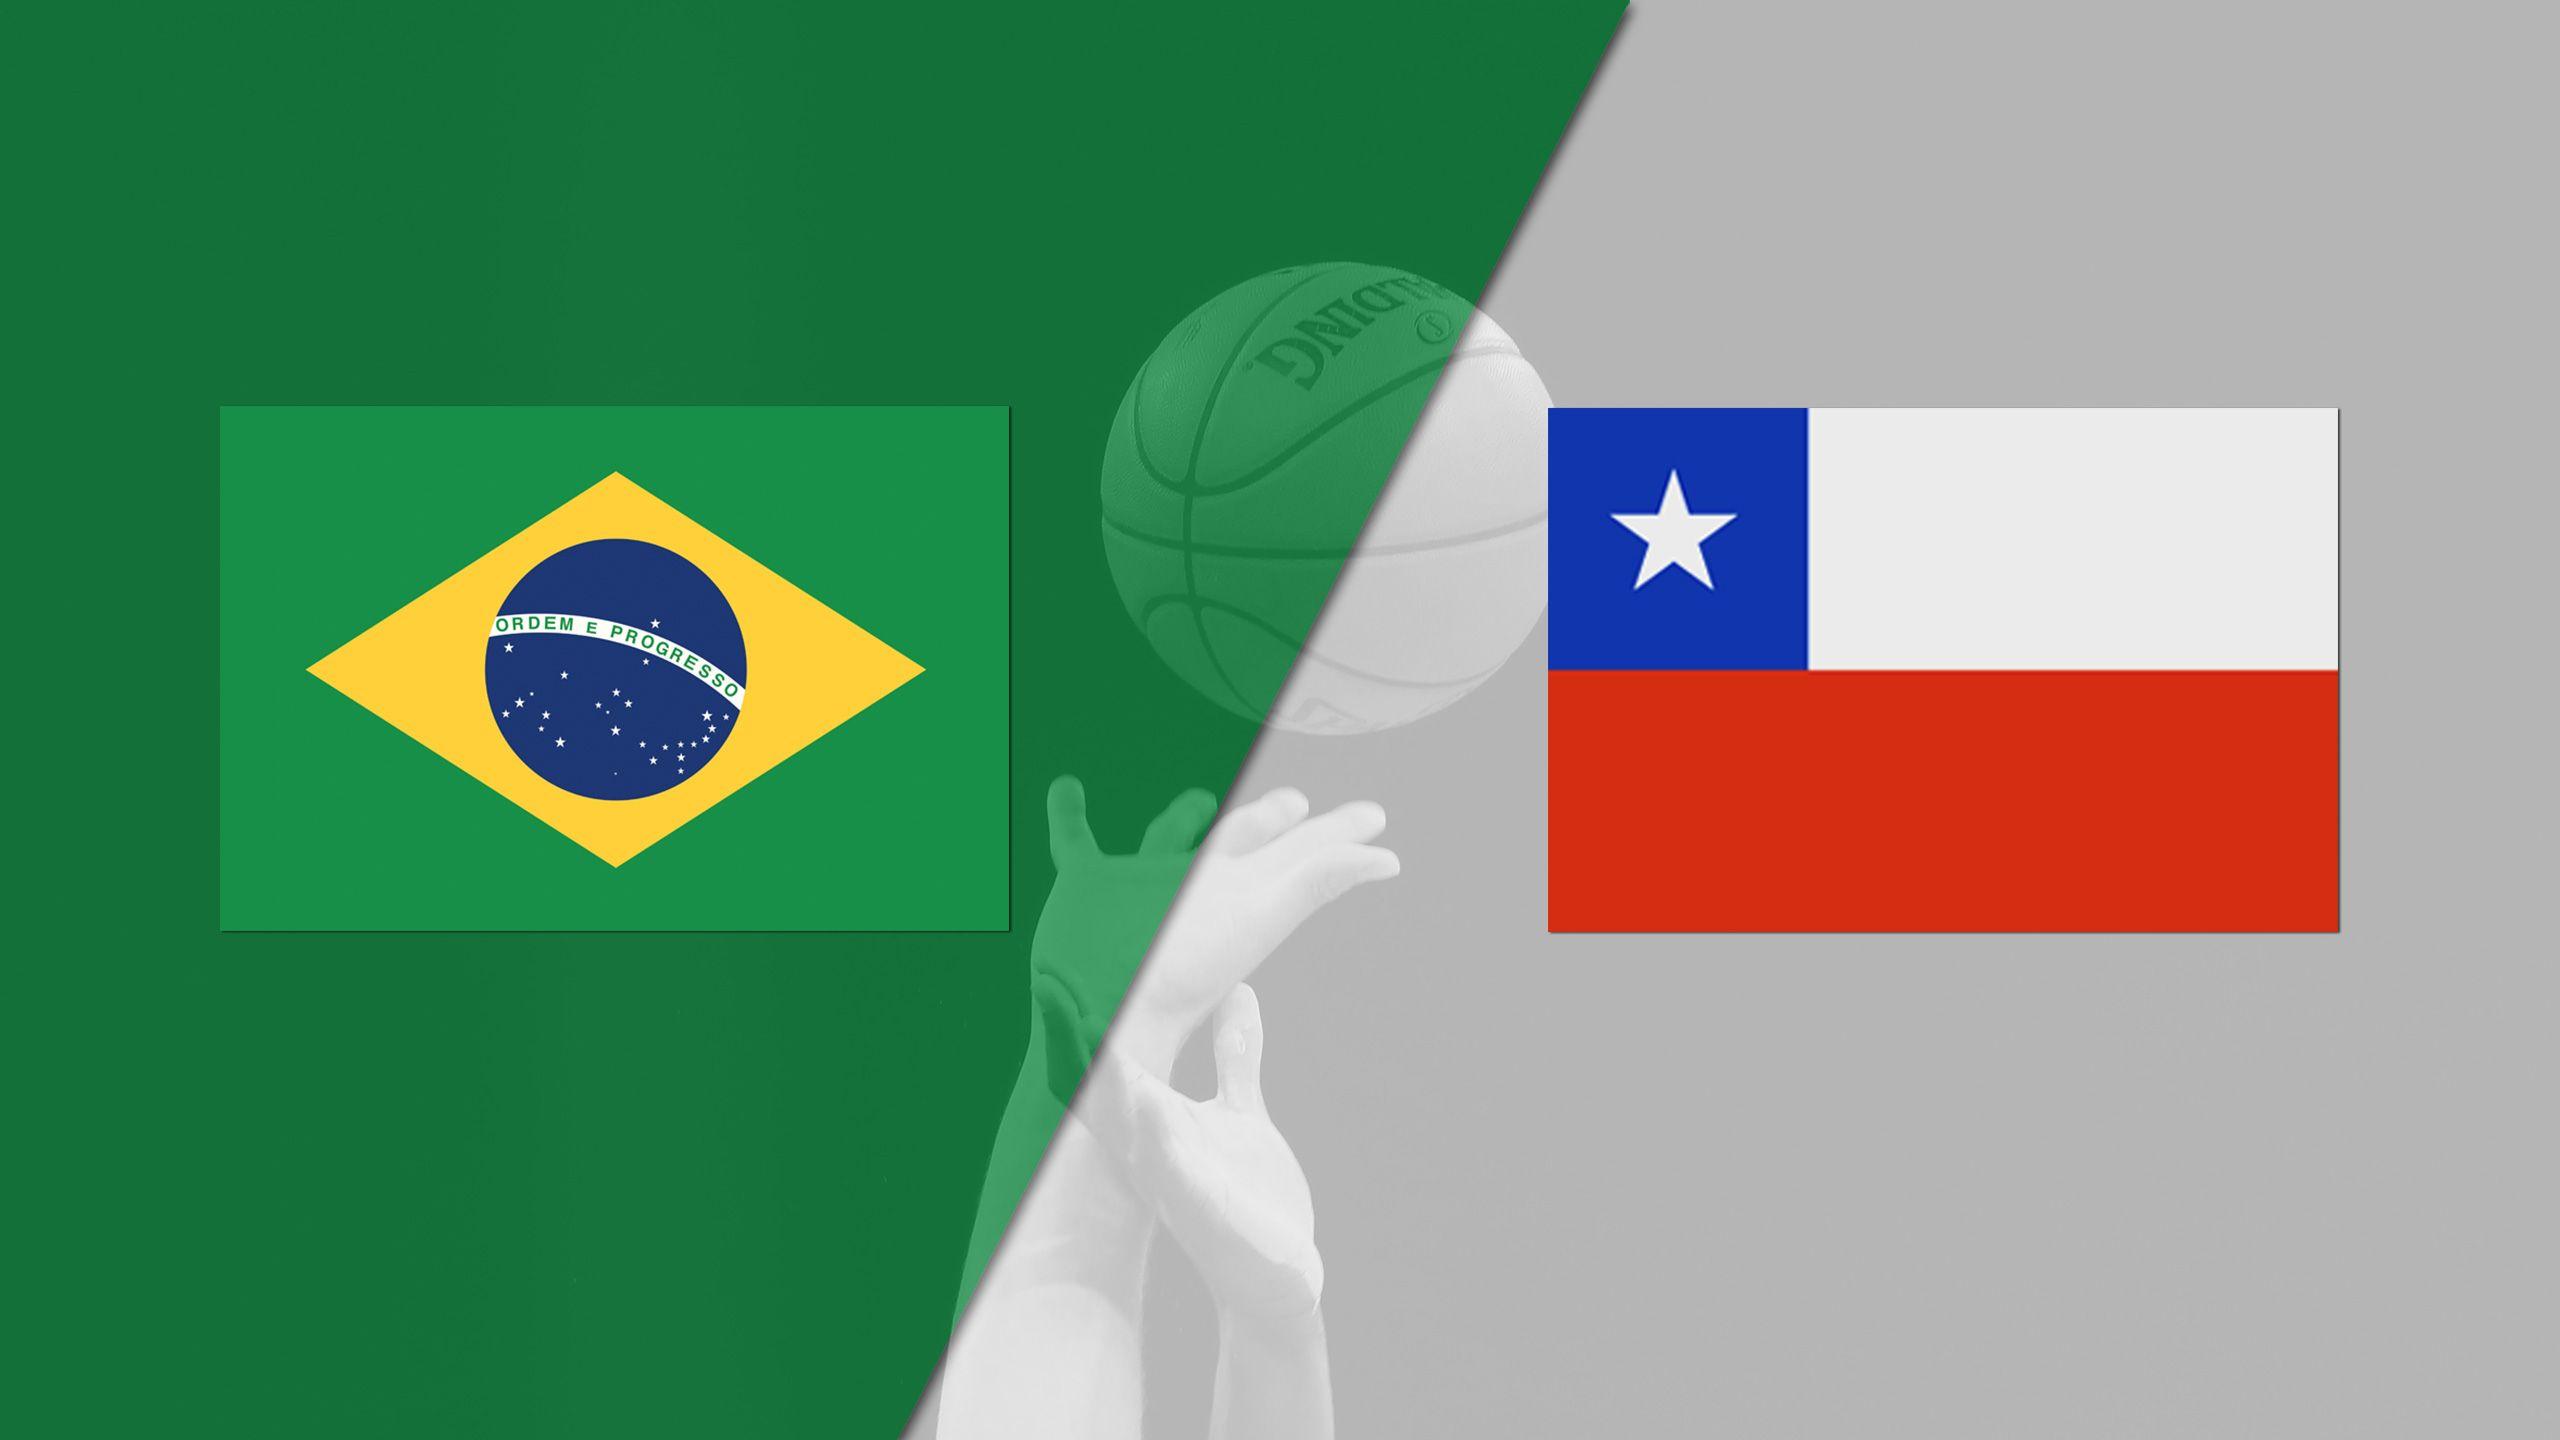 Brazil vs. Chile (FIBA World Cup 2019 Qualifier)